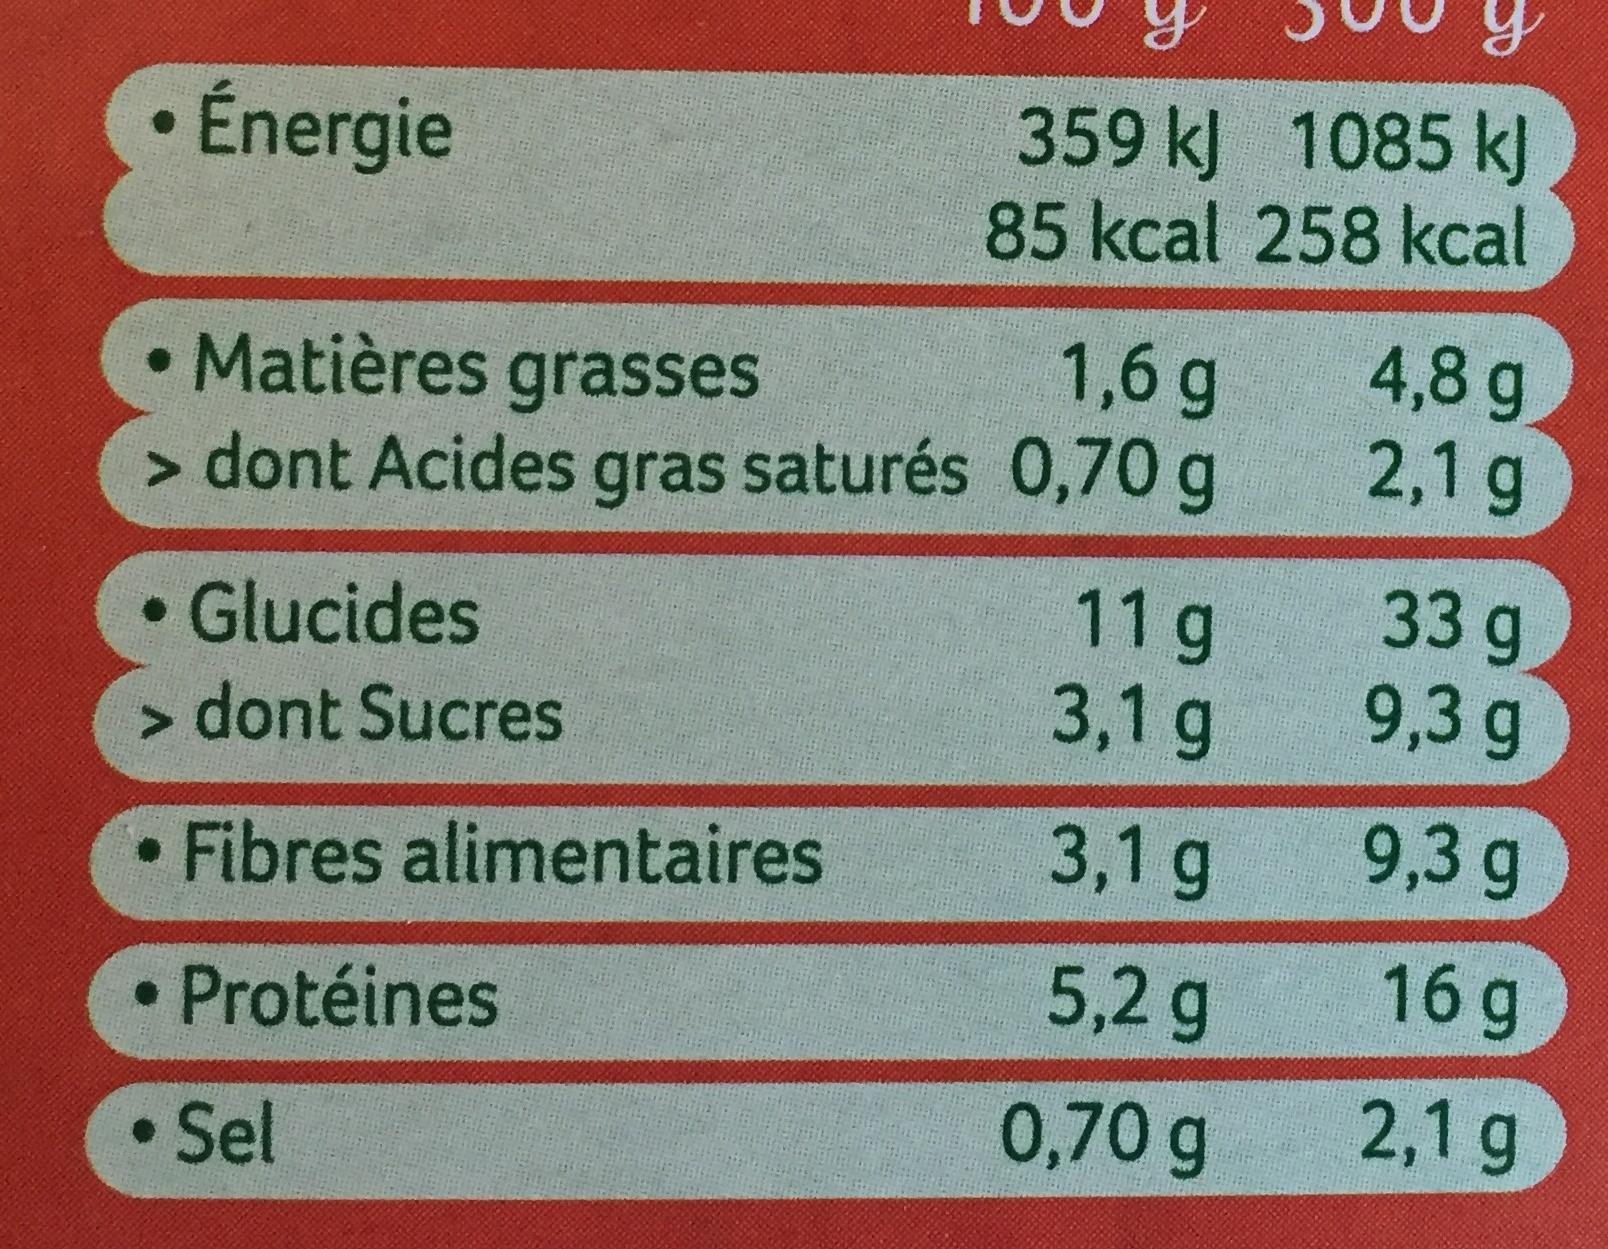 Lasagnes fondantes soja et carottes - Informations nutritionnelles